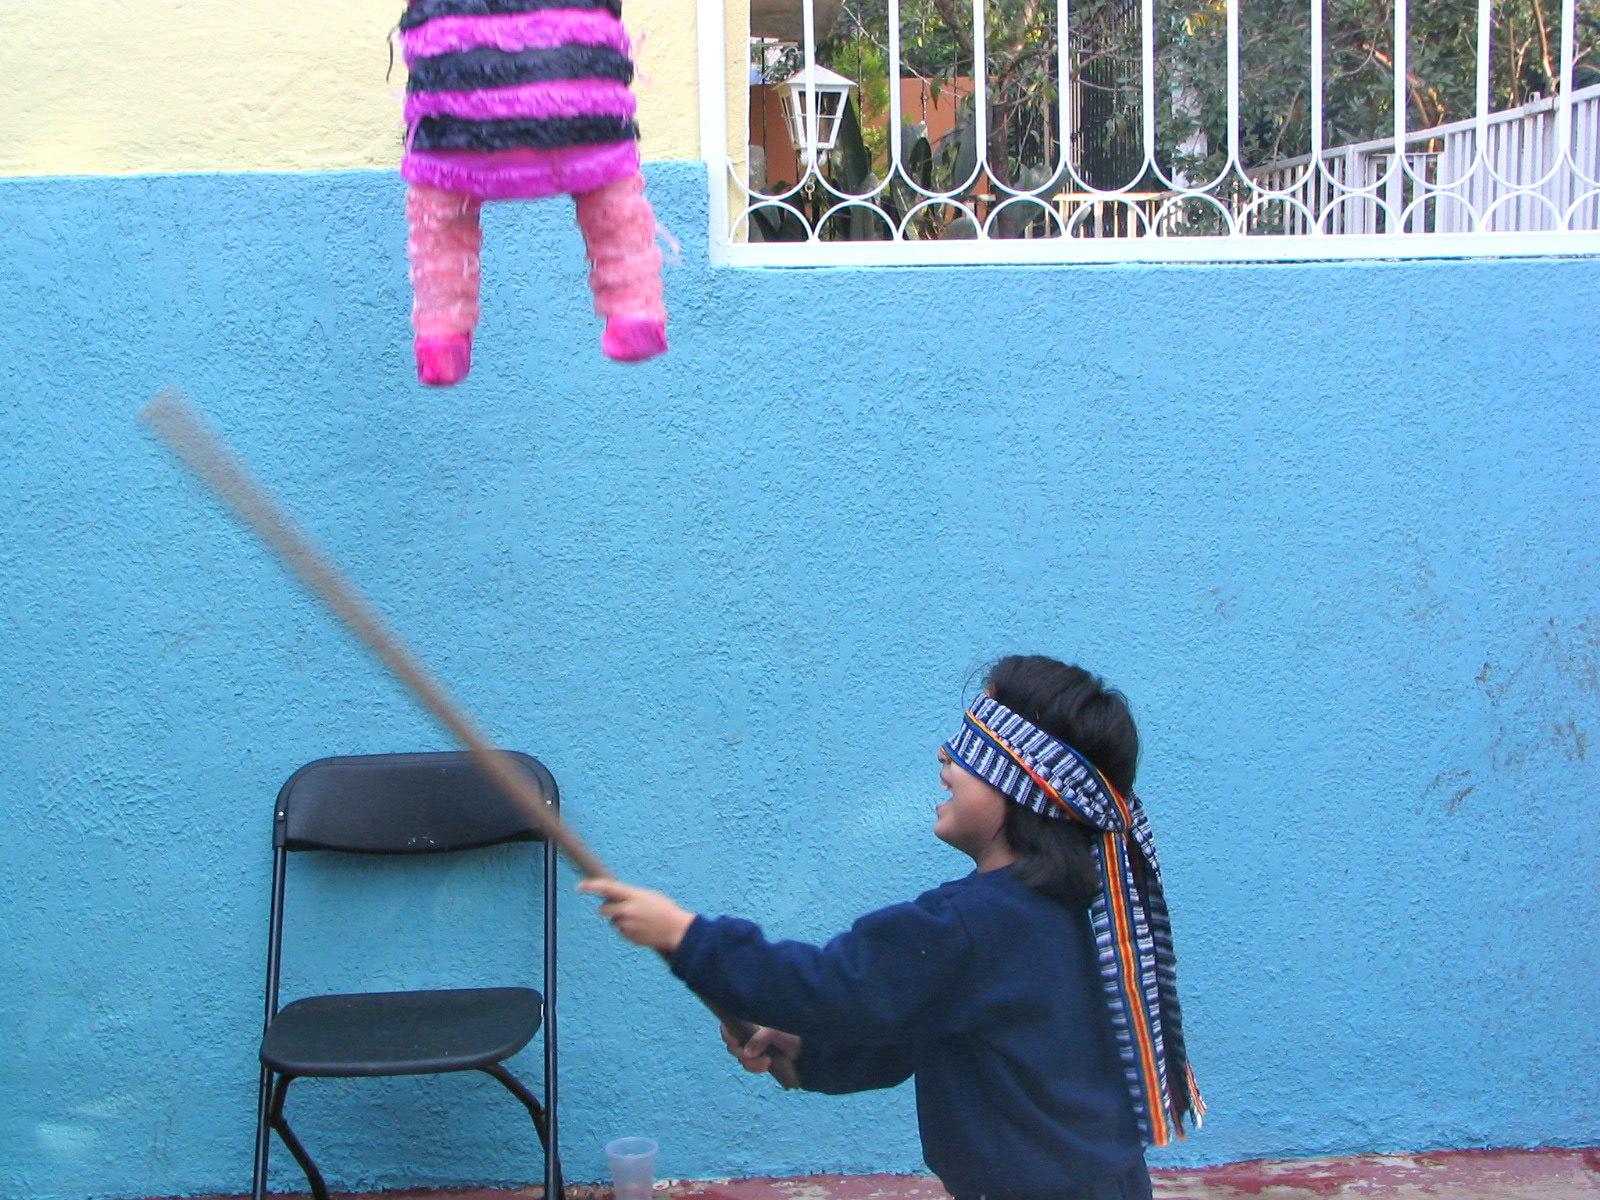 Pinjataa huidotaan kepillä. Kuva: Flickr/César Rincón.